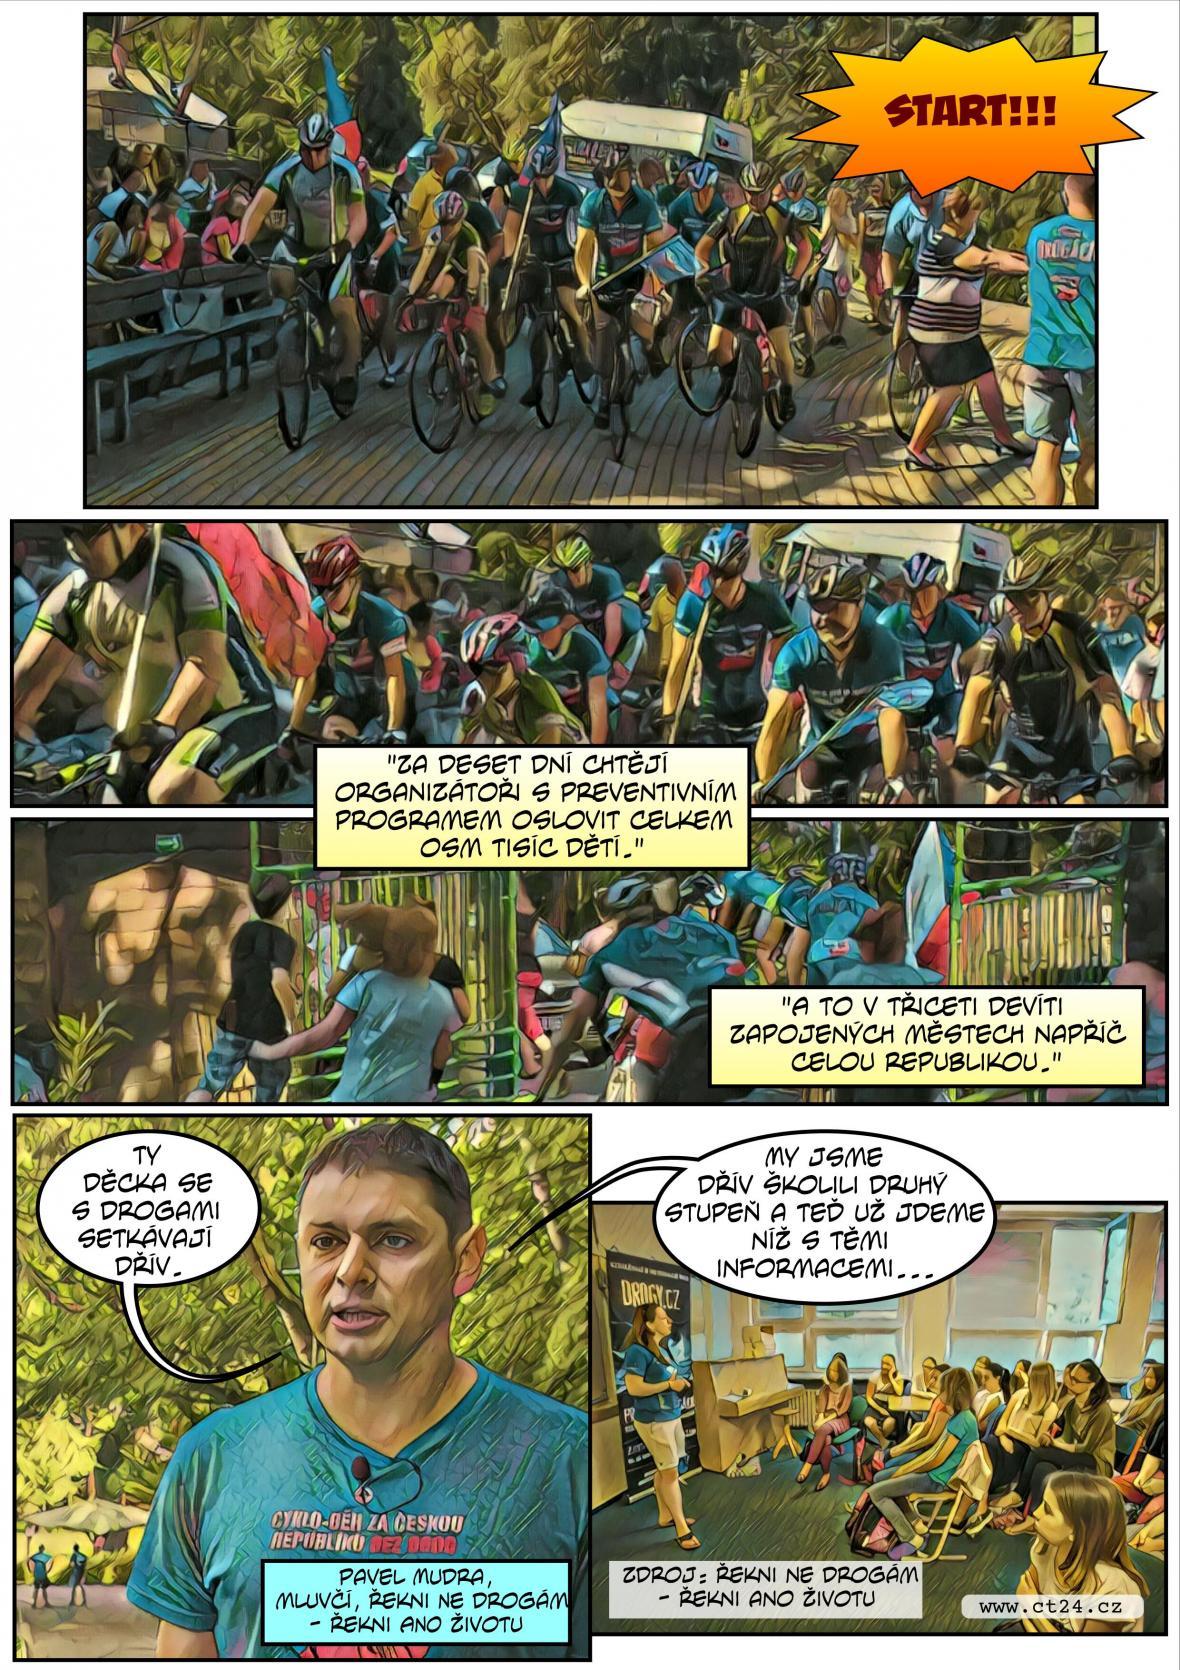 Komiks: Cyklo-běh za Českou republiku bez drogy